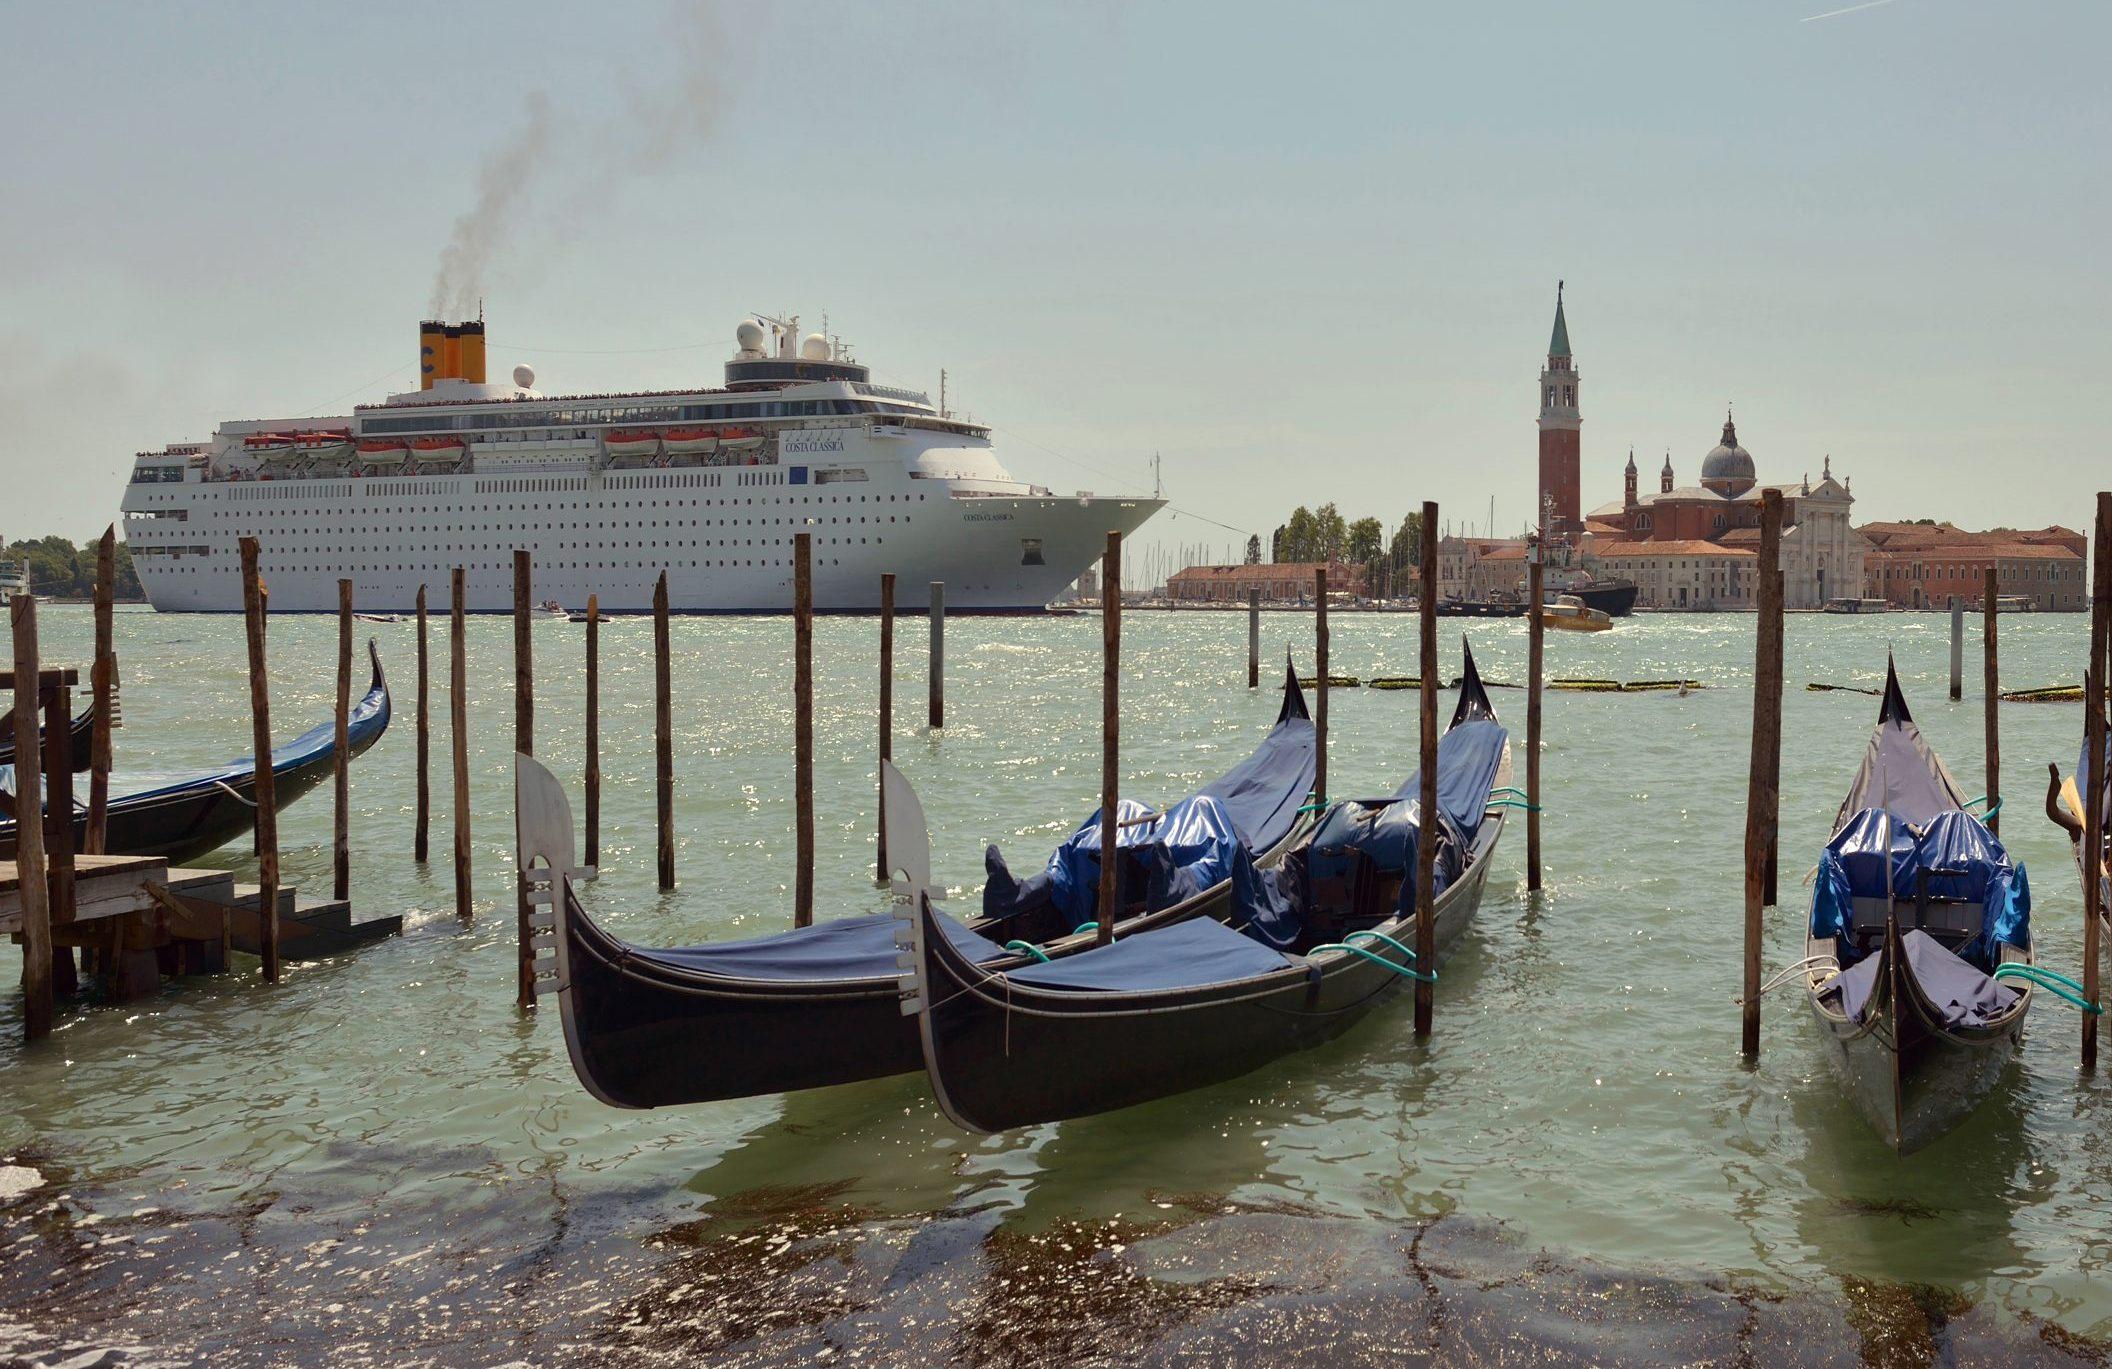 Venedig har forbudt anløb af store krydstogtskibe, de skal i stedet gå til kaj i en nærliggende havn. Byen planlægger også at opkræve entre for endagsturister. Arkivfoto via Wikipedia: Wolfgang Moroder.